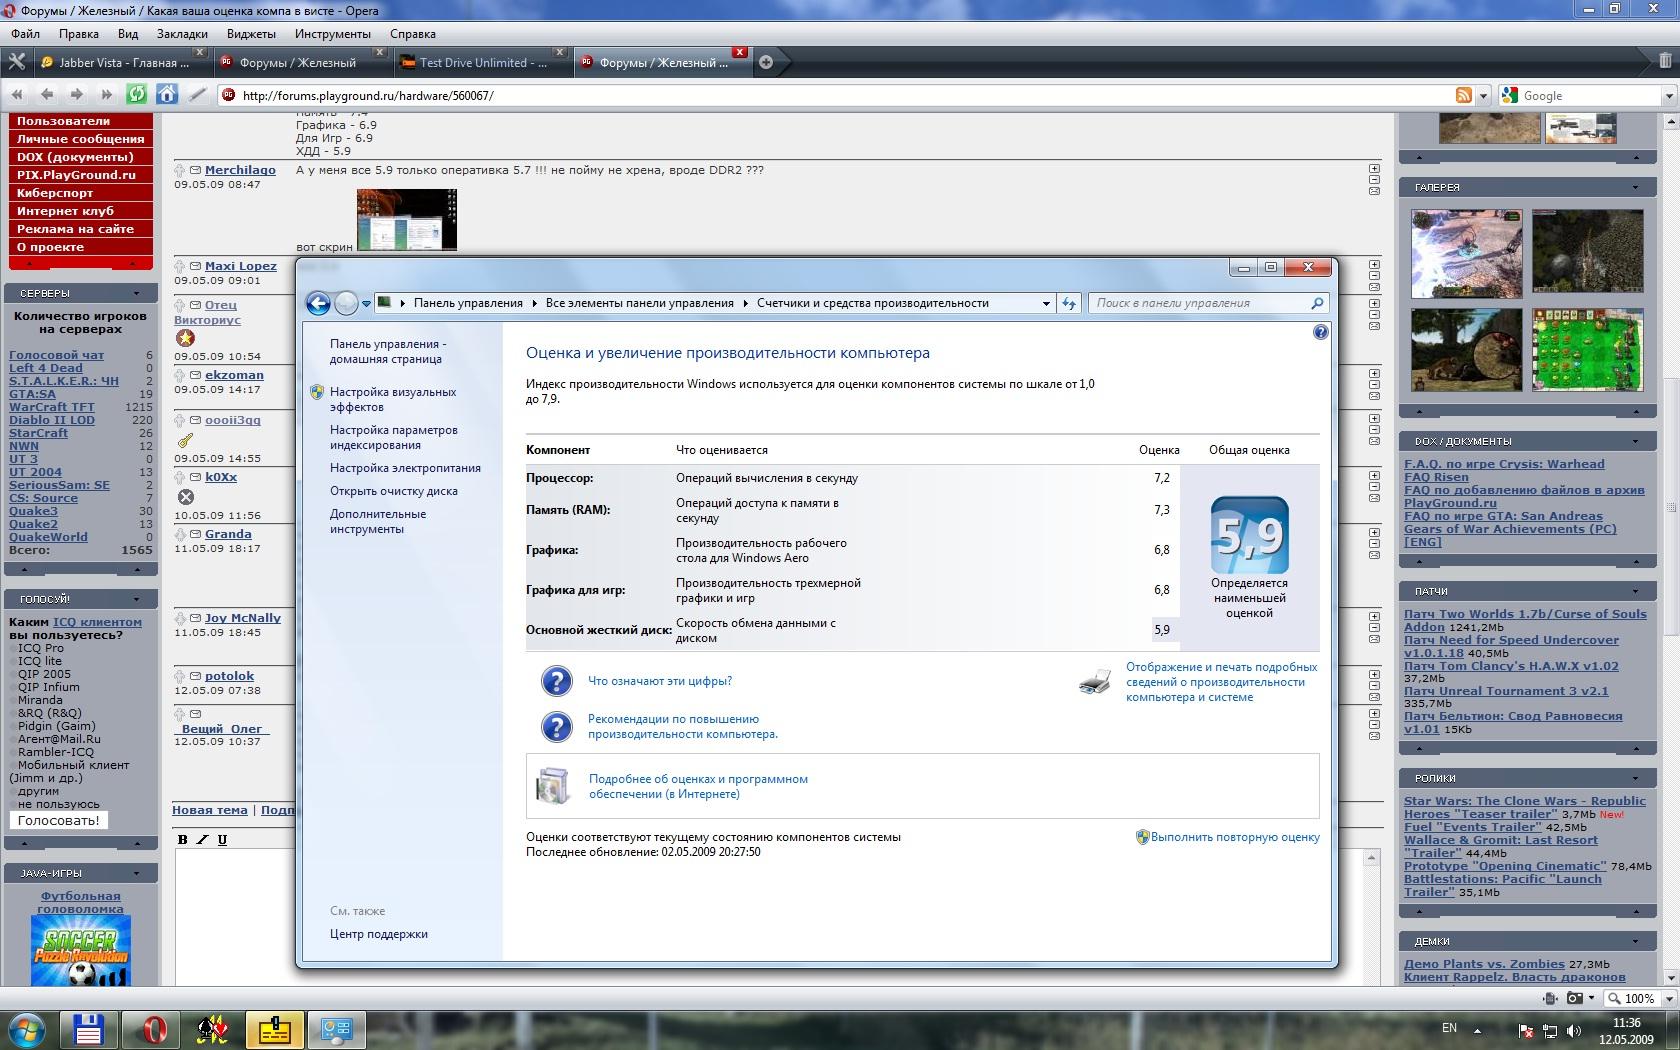 Windows 7 Общая 5.9 Процессор 7.2 Память RAM 7.3 Графика 6.8 Графика для иг